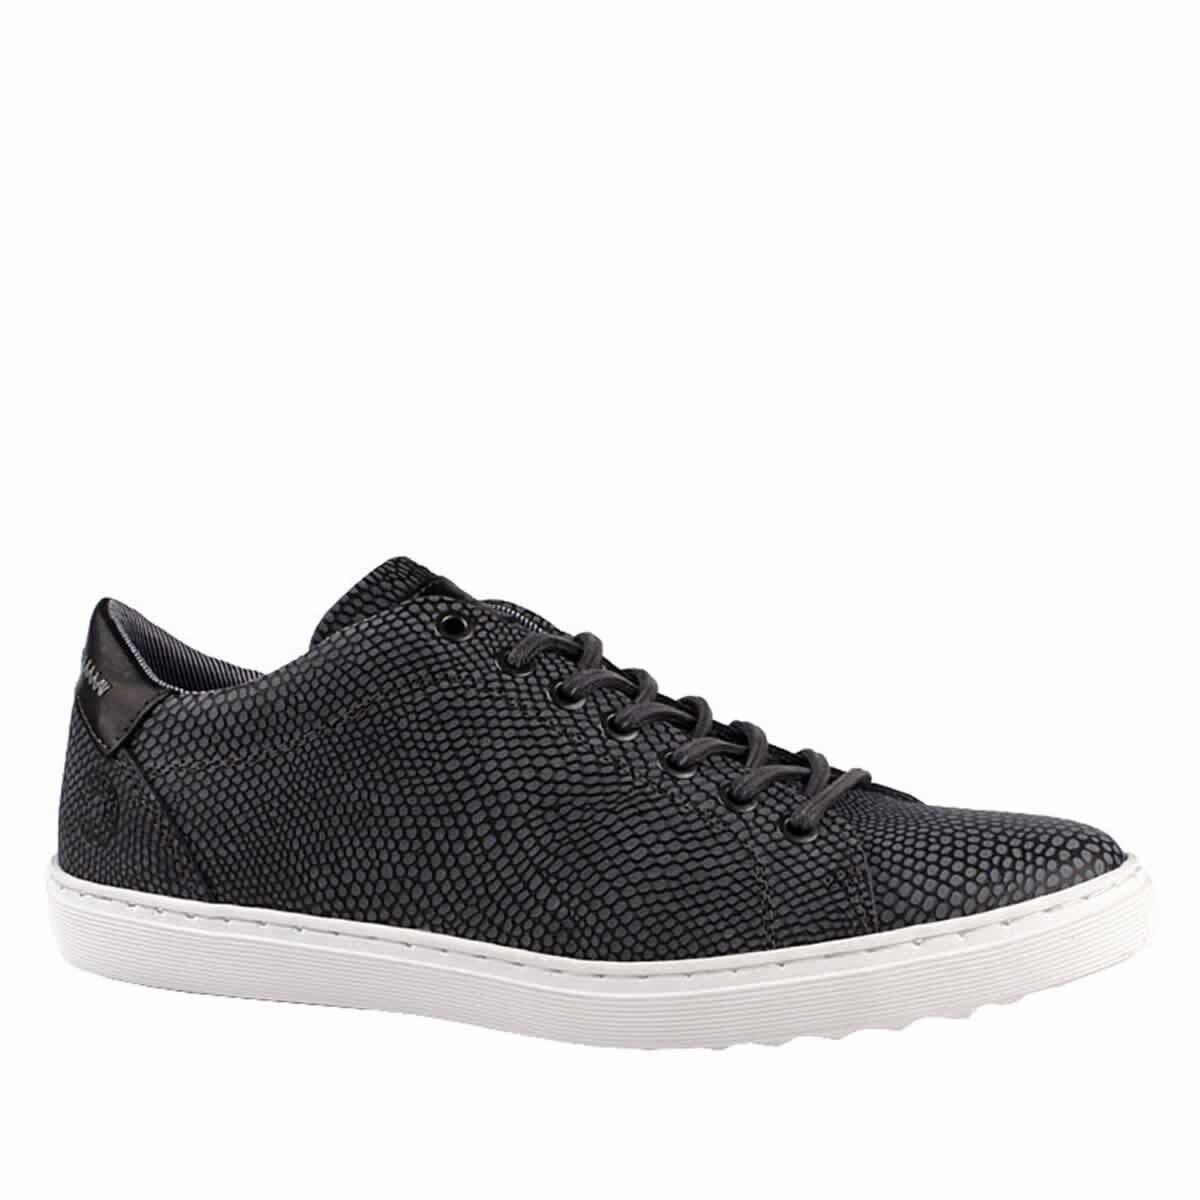 SIYAH Erkek Oxford Ayakkabı 2BLBM2016028